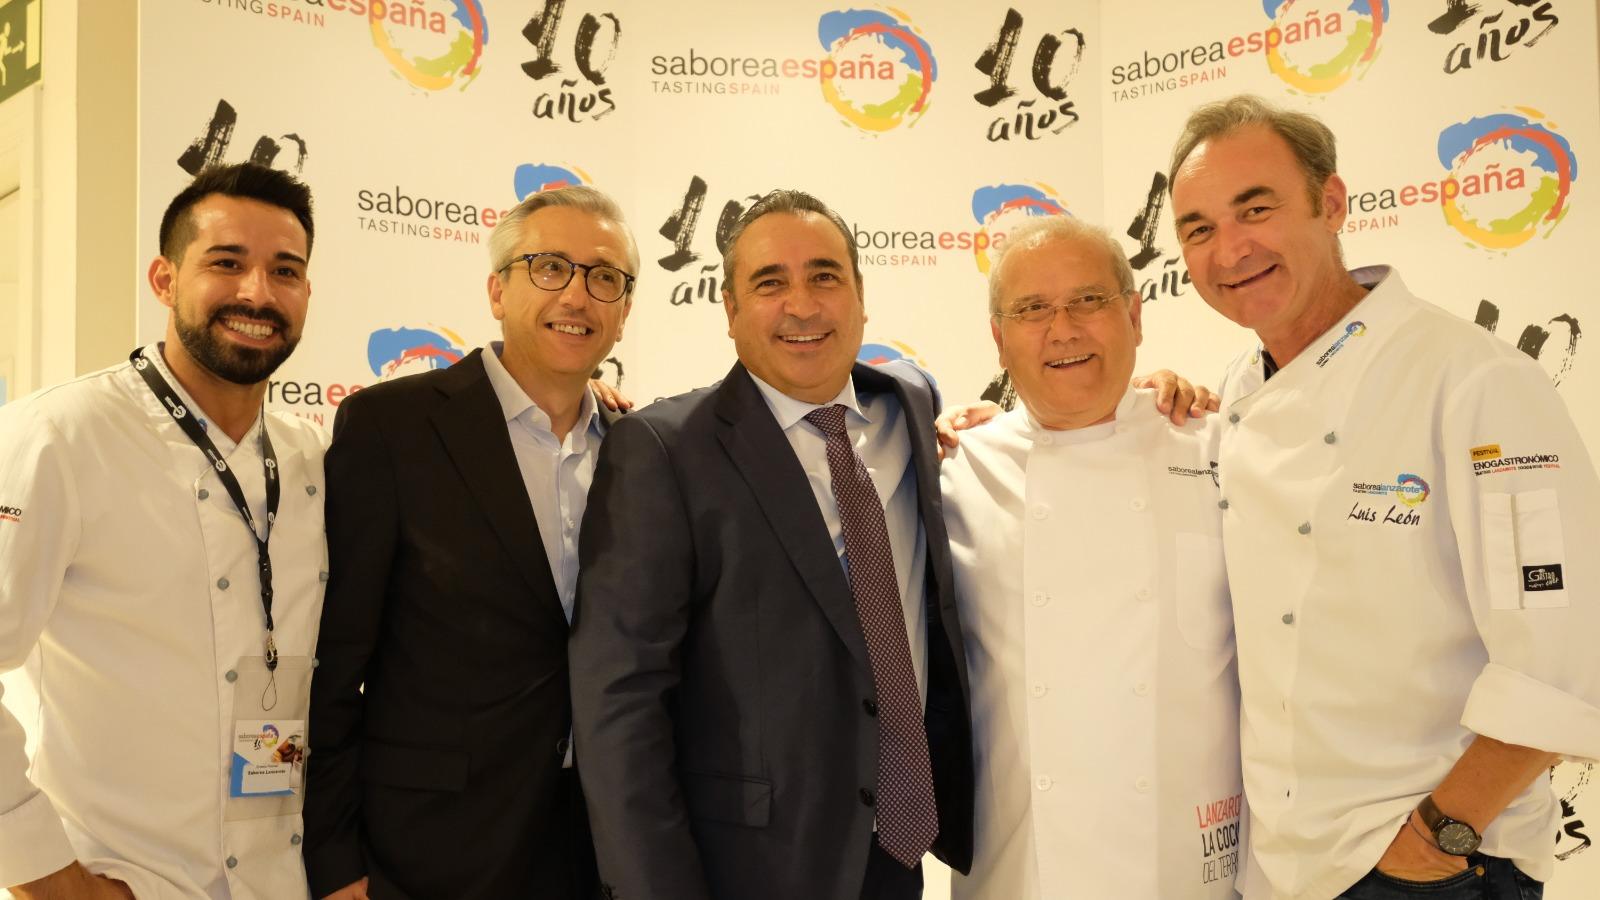 Saborea Lanzarote participa en la gala del X Aniversario de Saborea España celebrada en Madrid